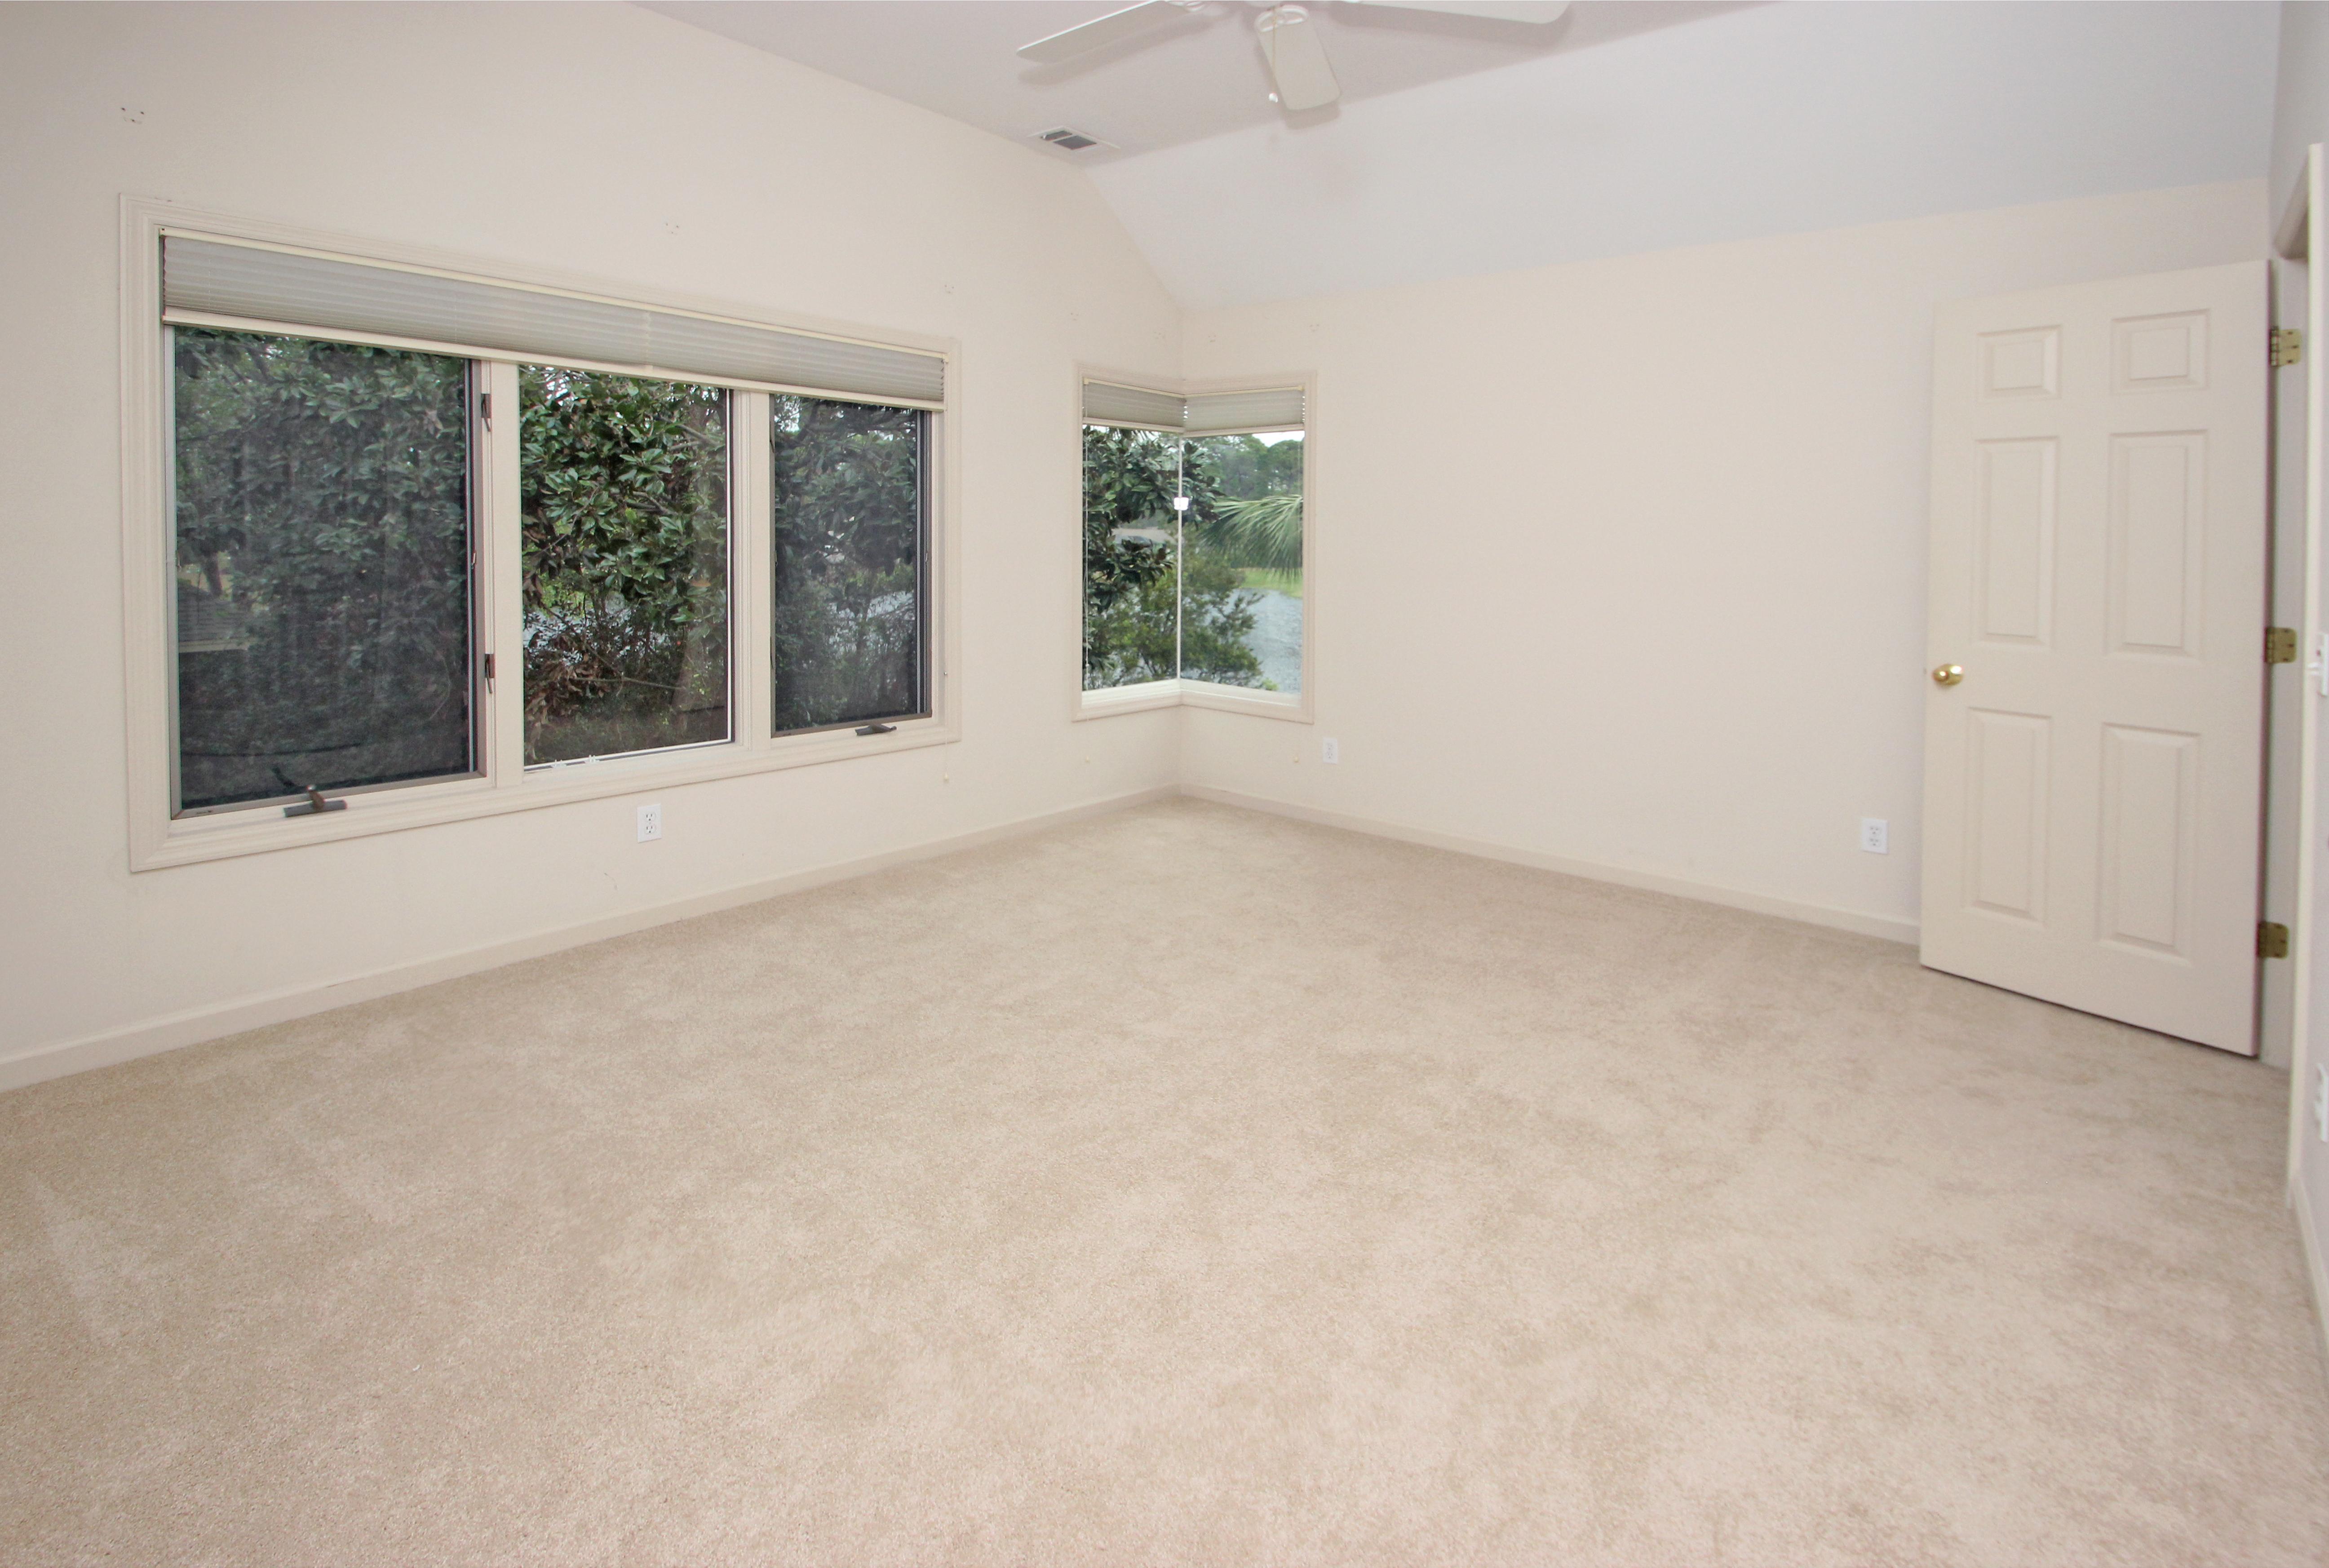 HI - Guest bedroom - 2nd level